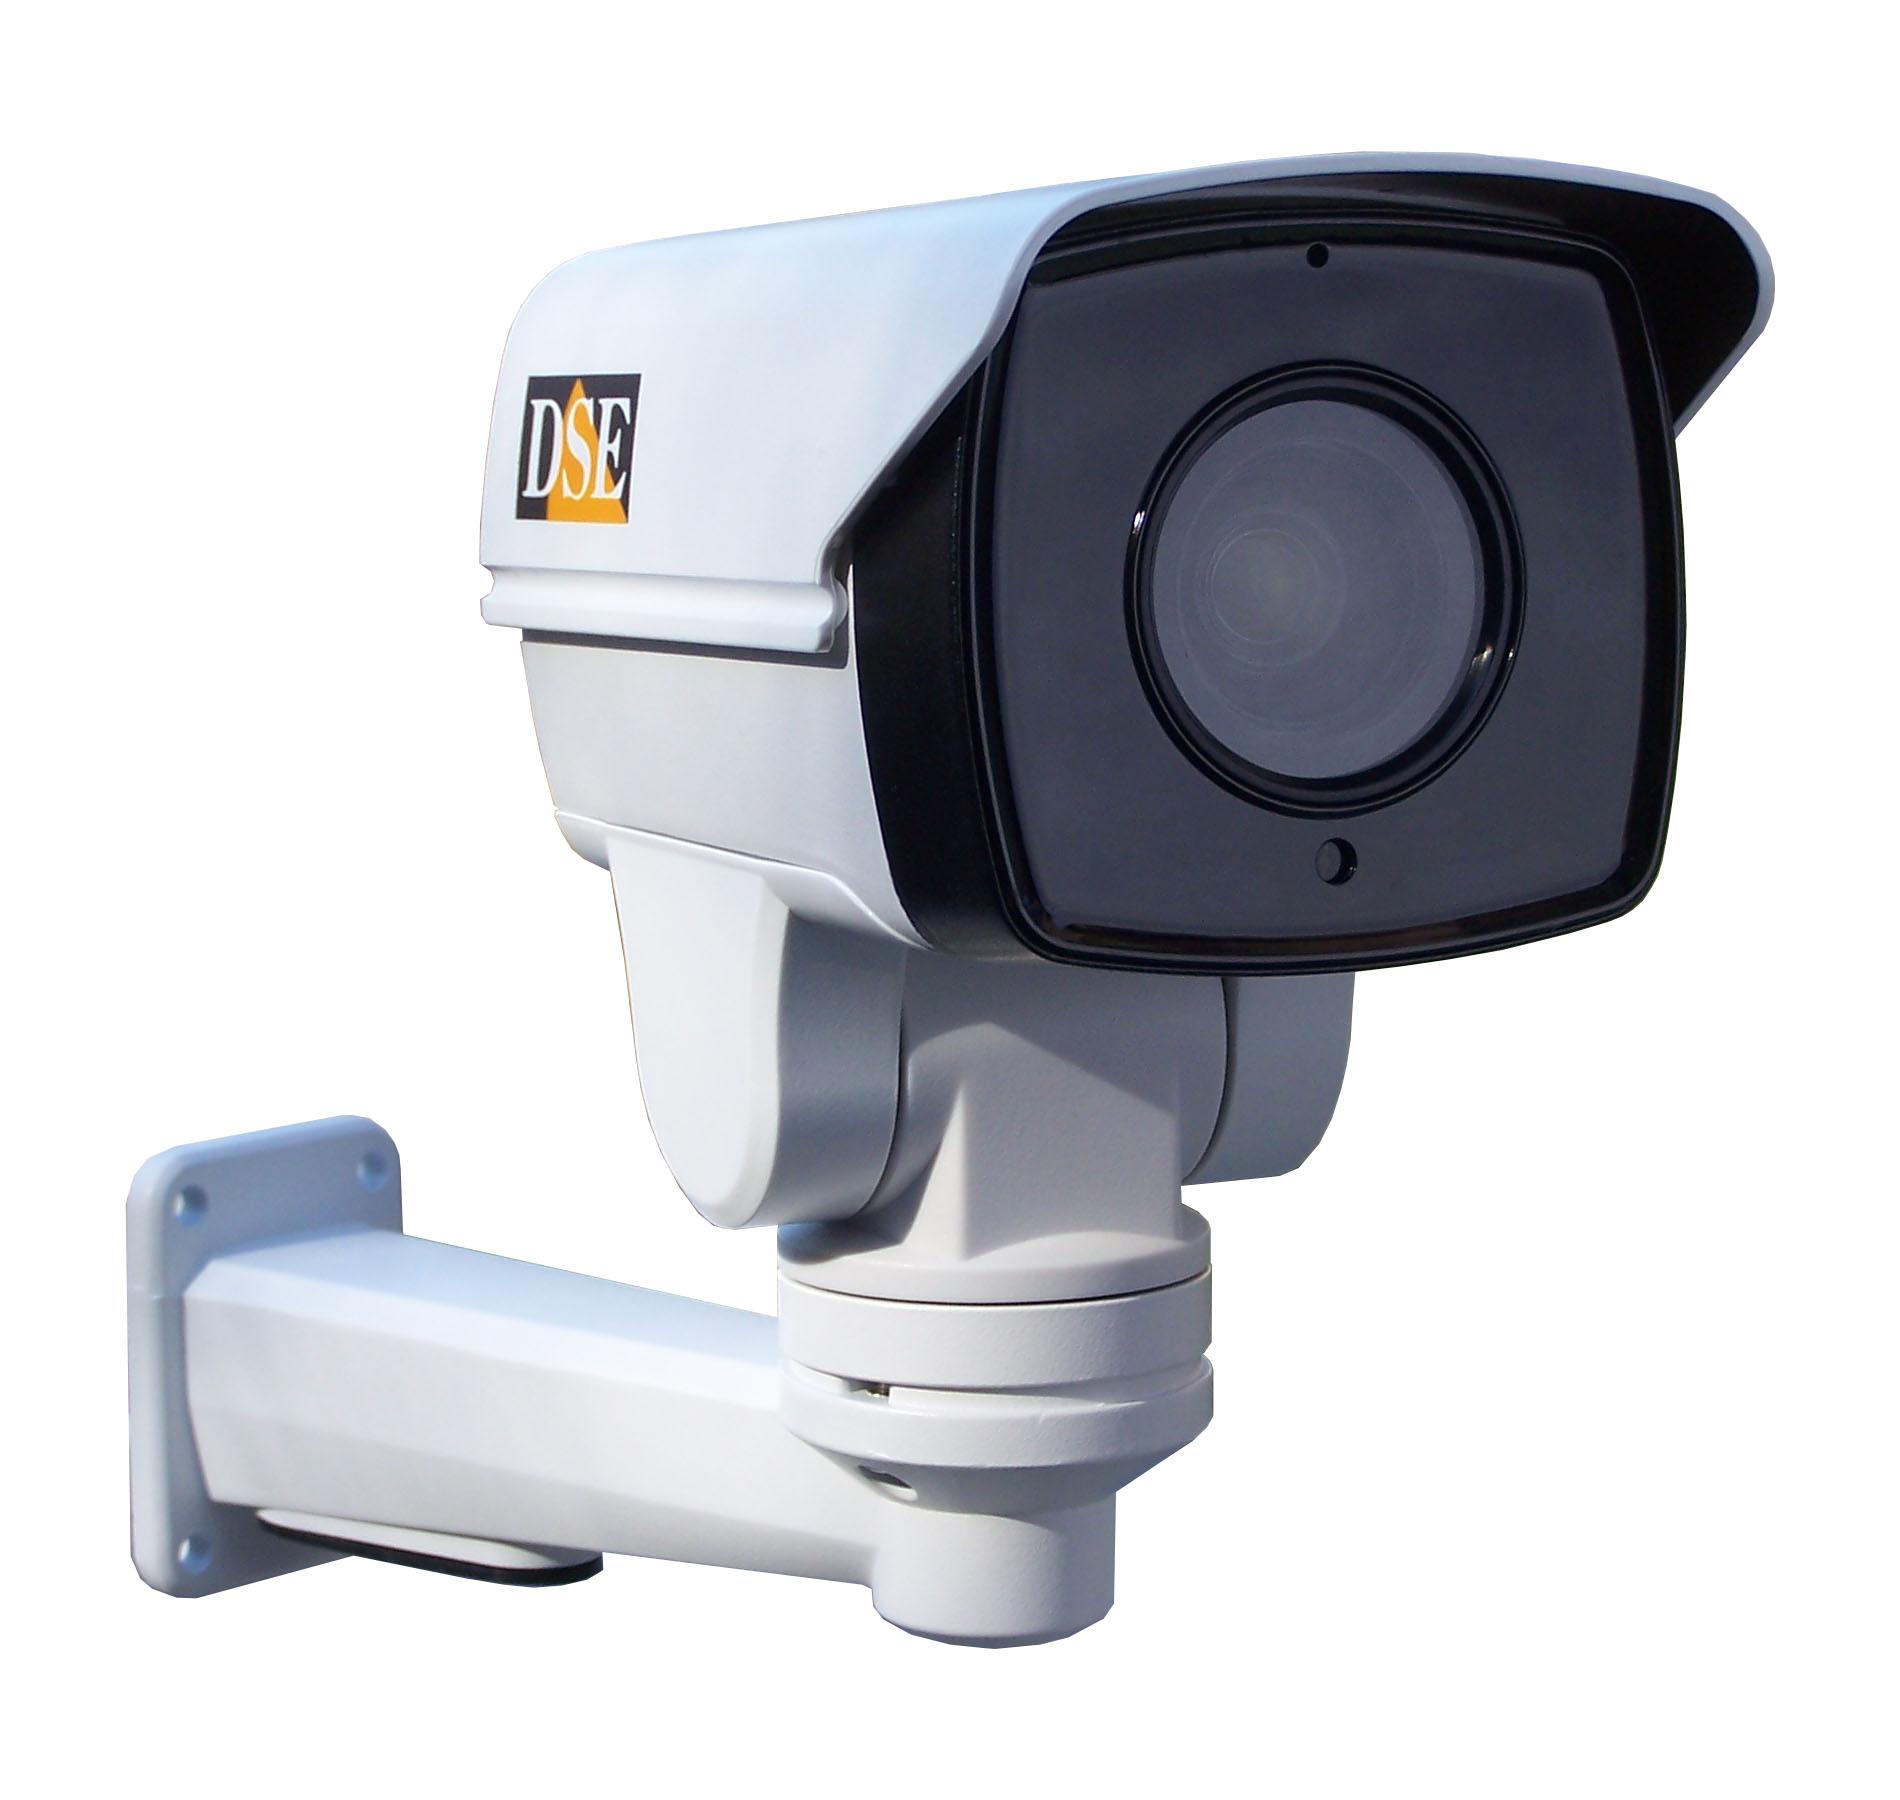 Telecamere PTZ motorizzate brandeggiabili AHD da esterno - Telecamere brandeggianti ptz da ...